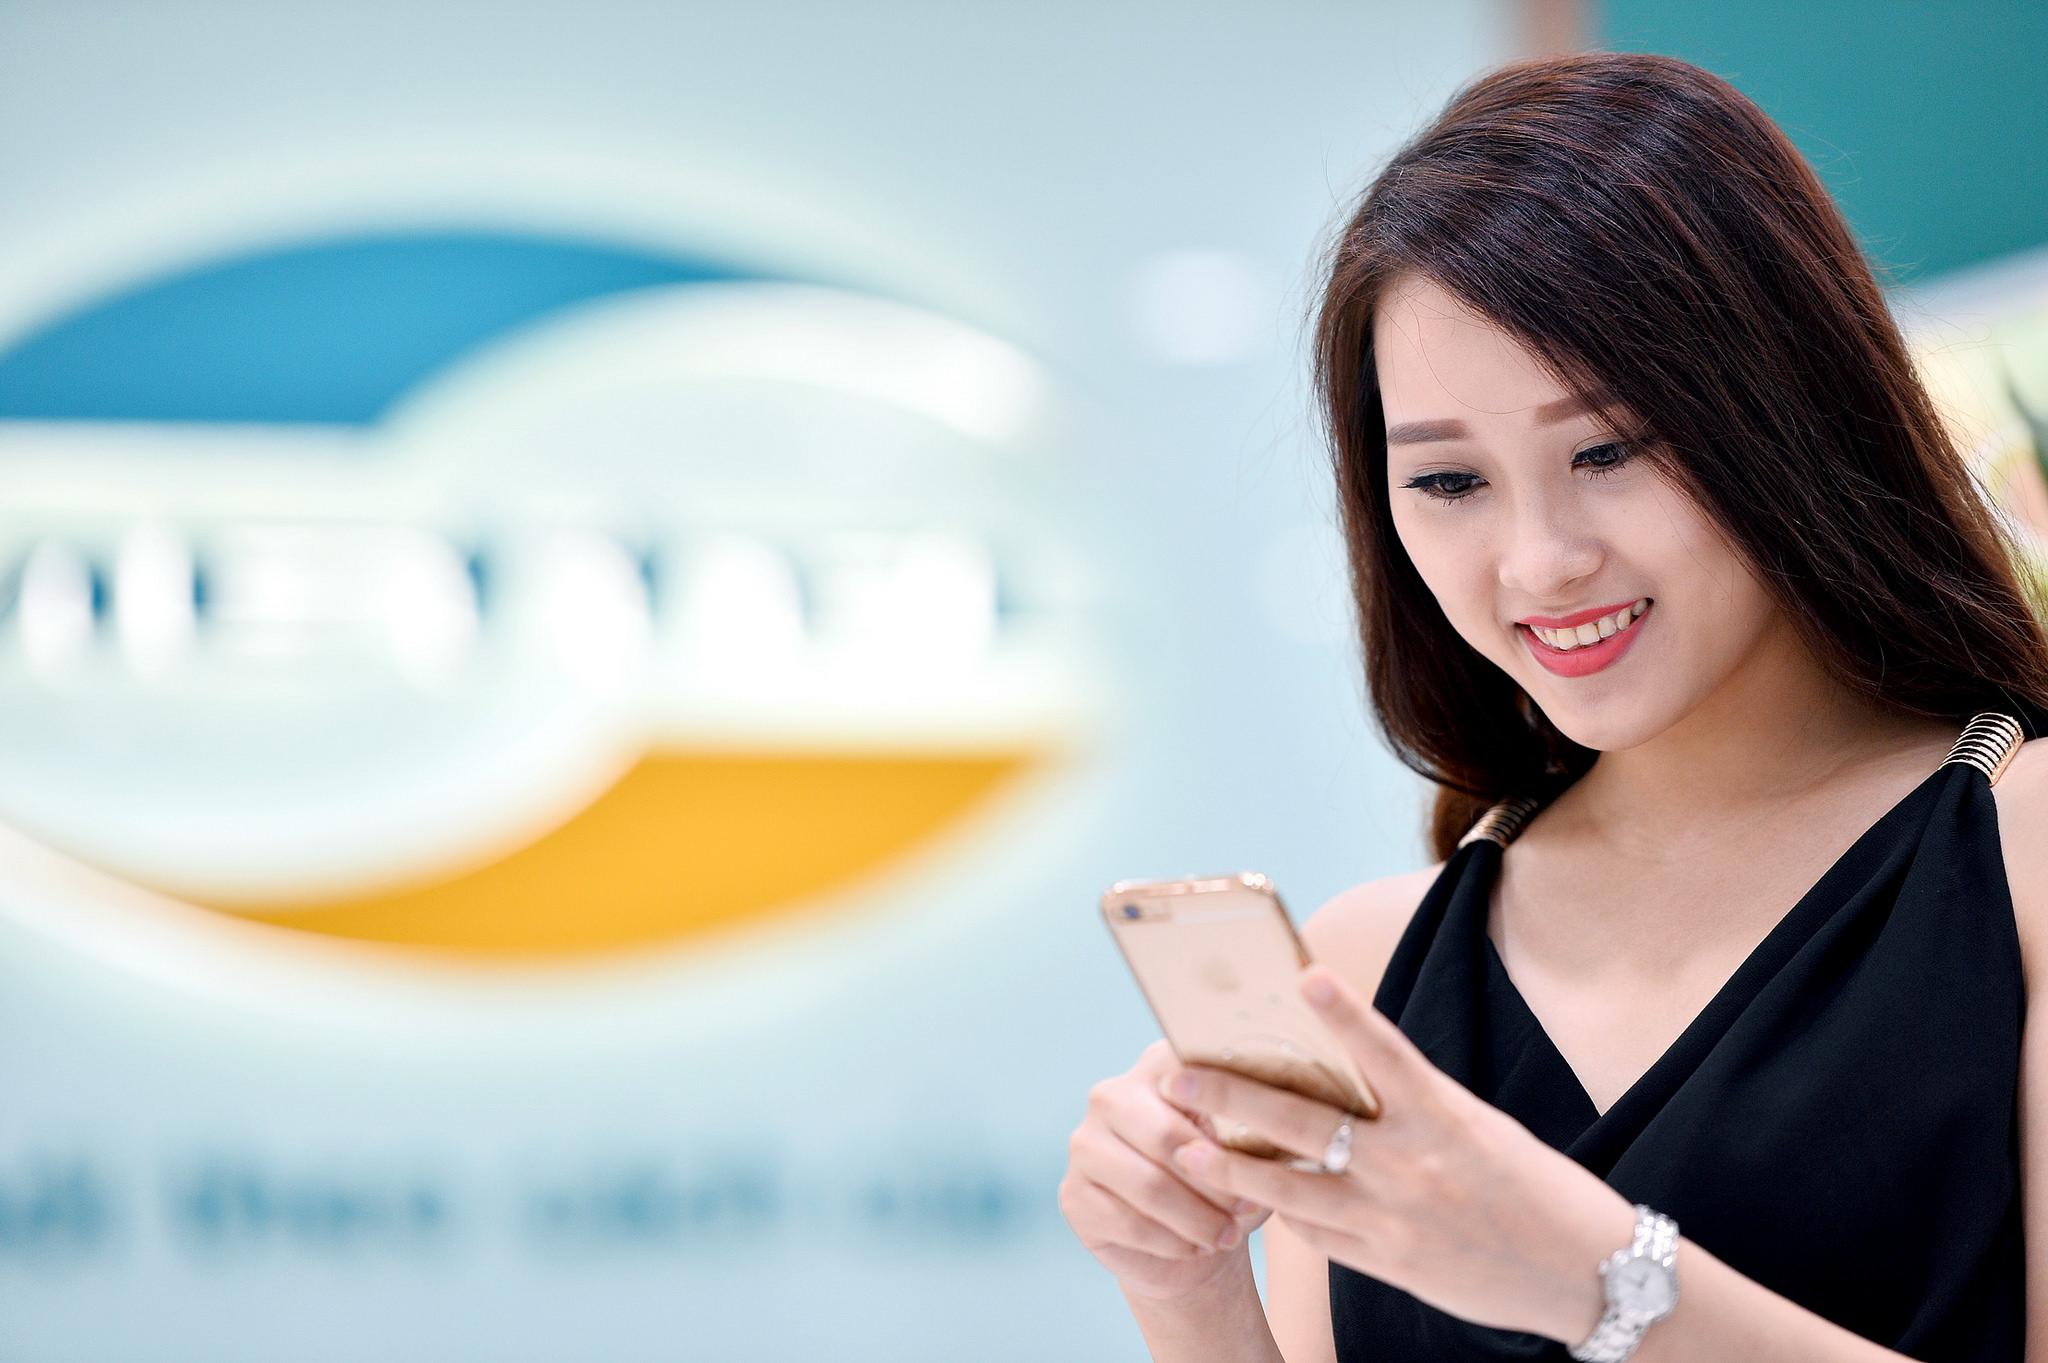 Khuyến mãi của nhà mạng Viettel : mua 1GB data với giá 5.000 đồng